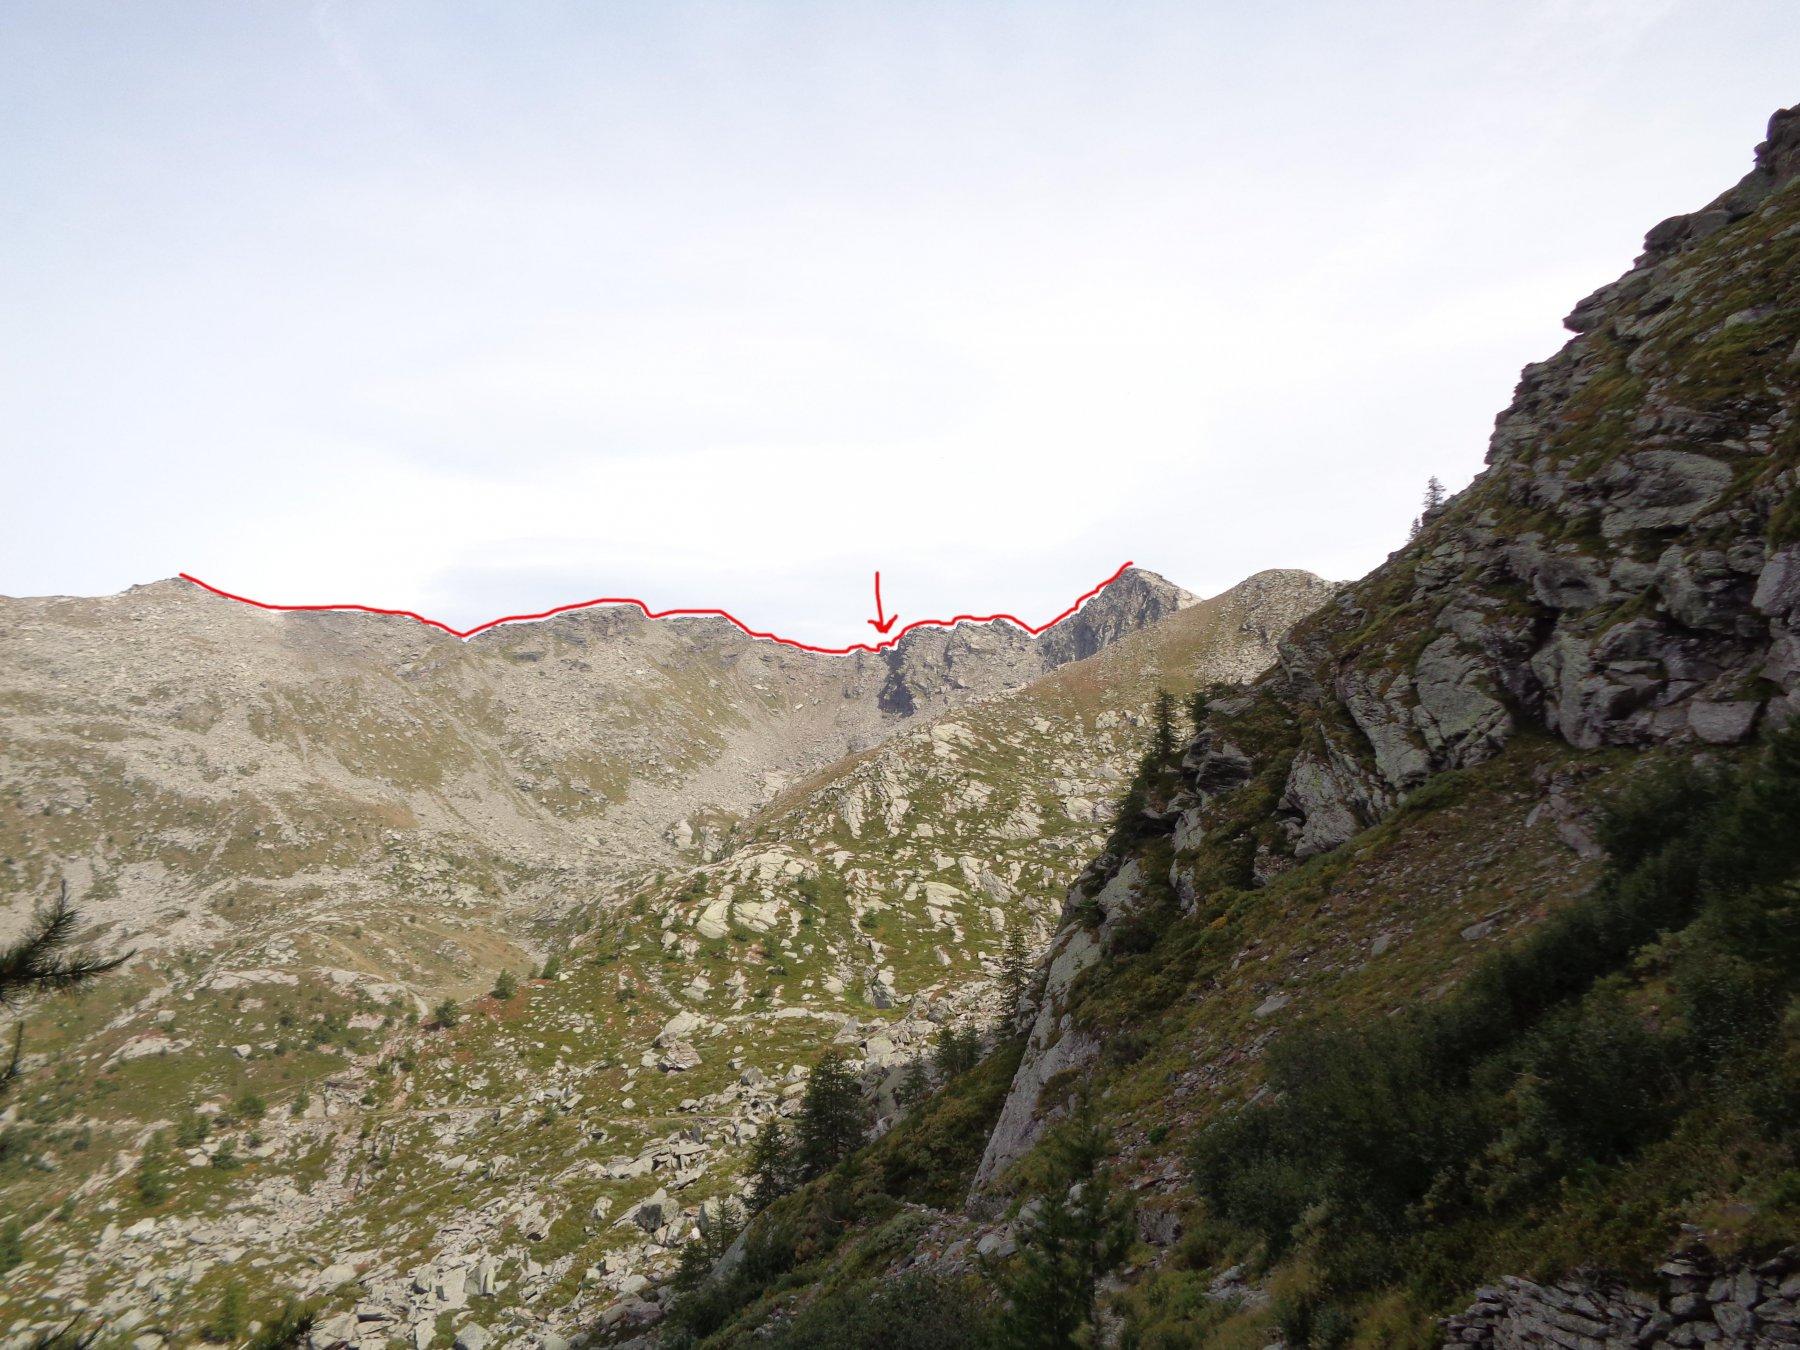 percorso della cresta. la freccia indica il primo torrione